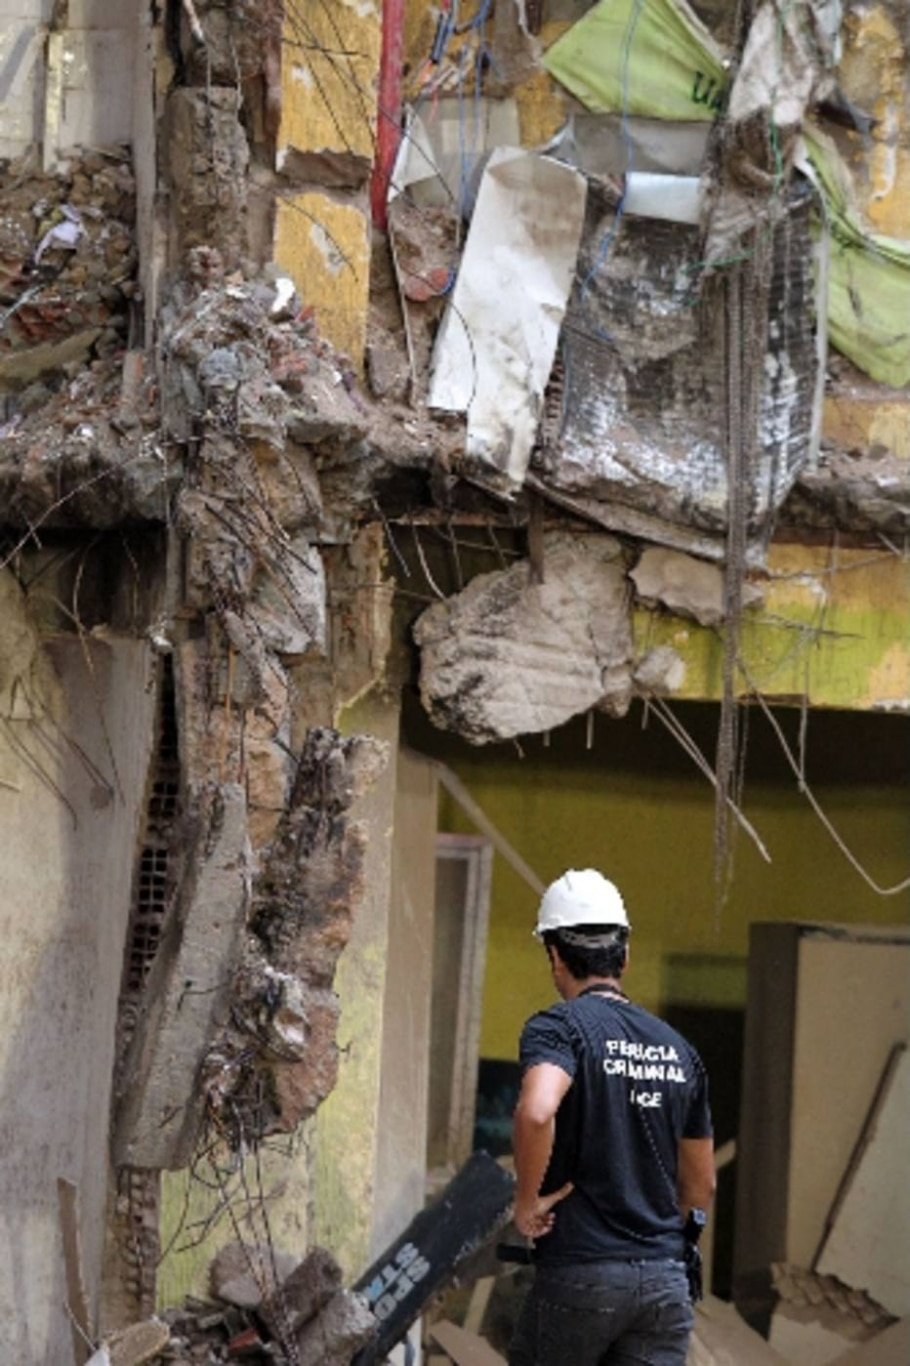 Buscas por vítimas de desabamento no Rio entram em reta final - Fabio Motta/AE